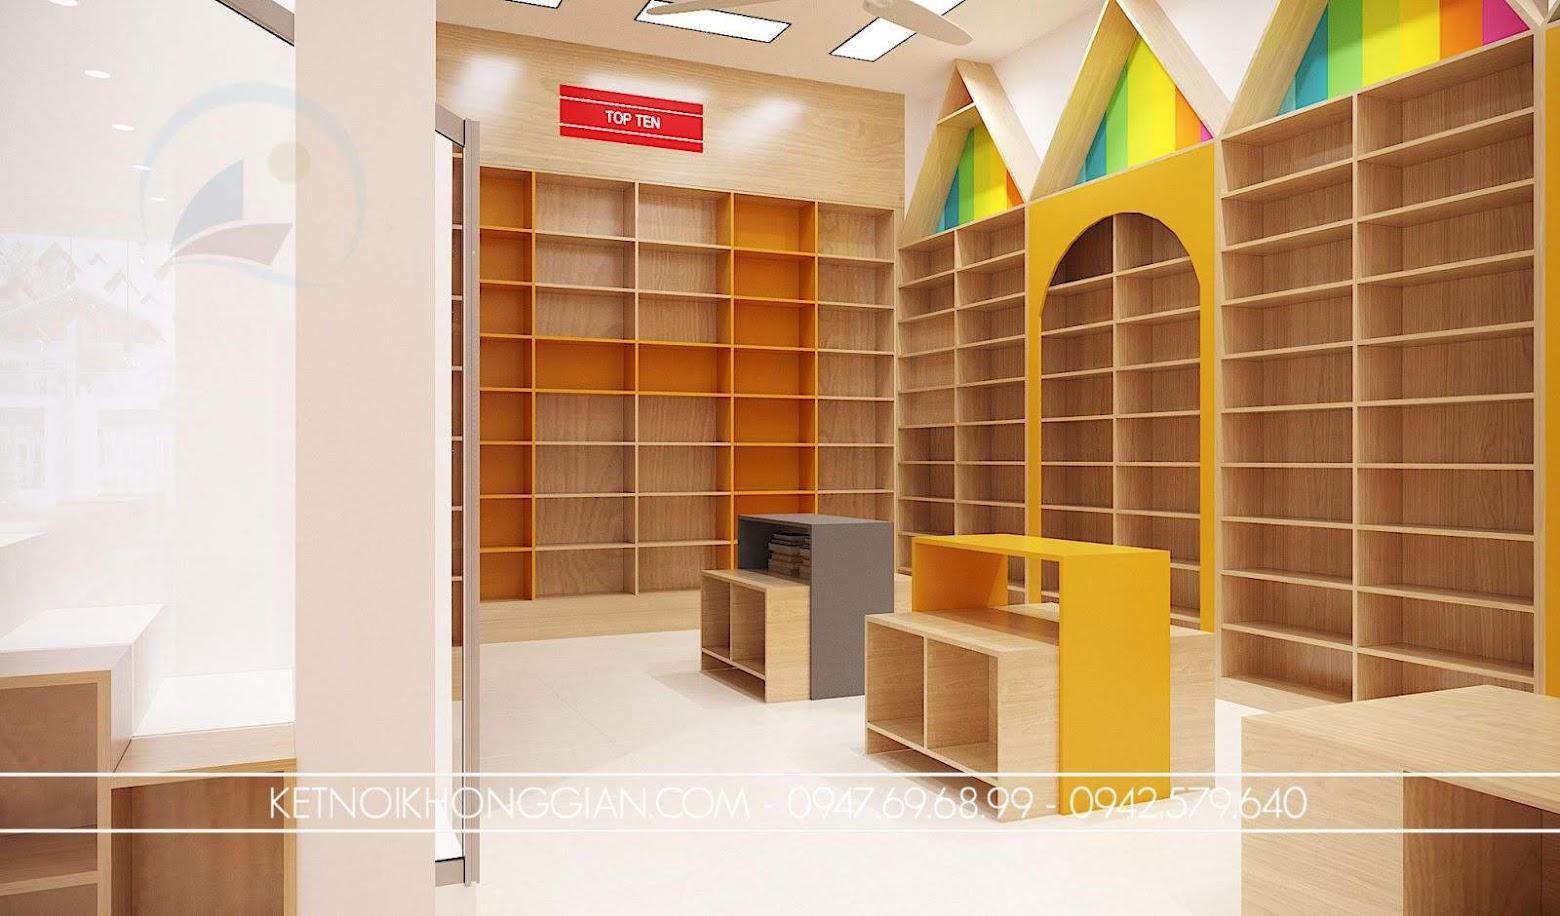 chất liệu gỗ làm nhà sách